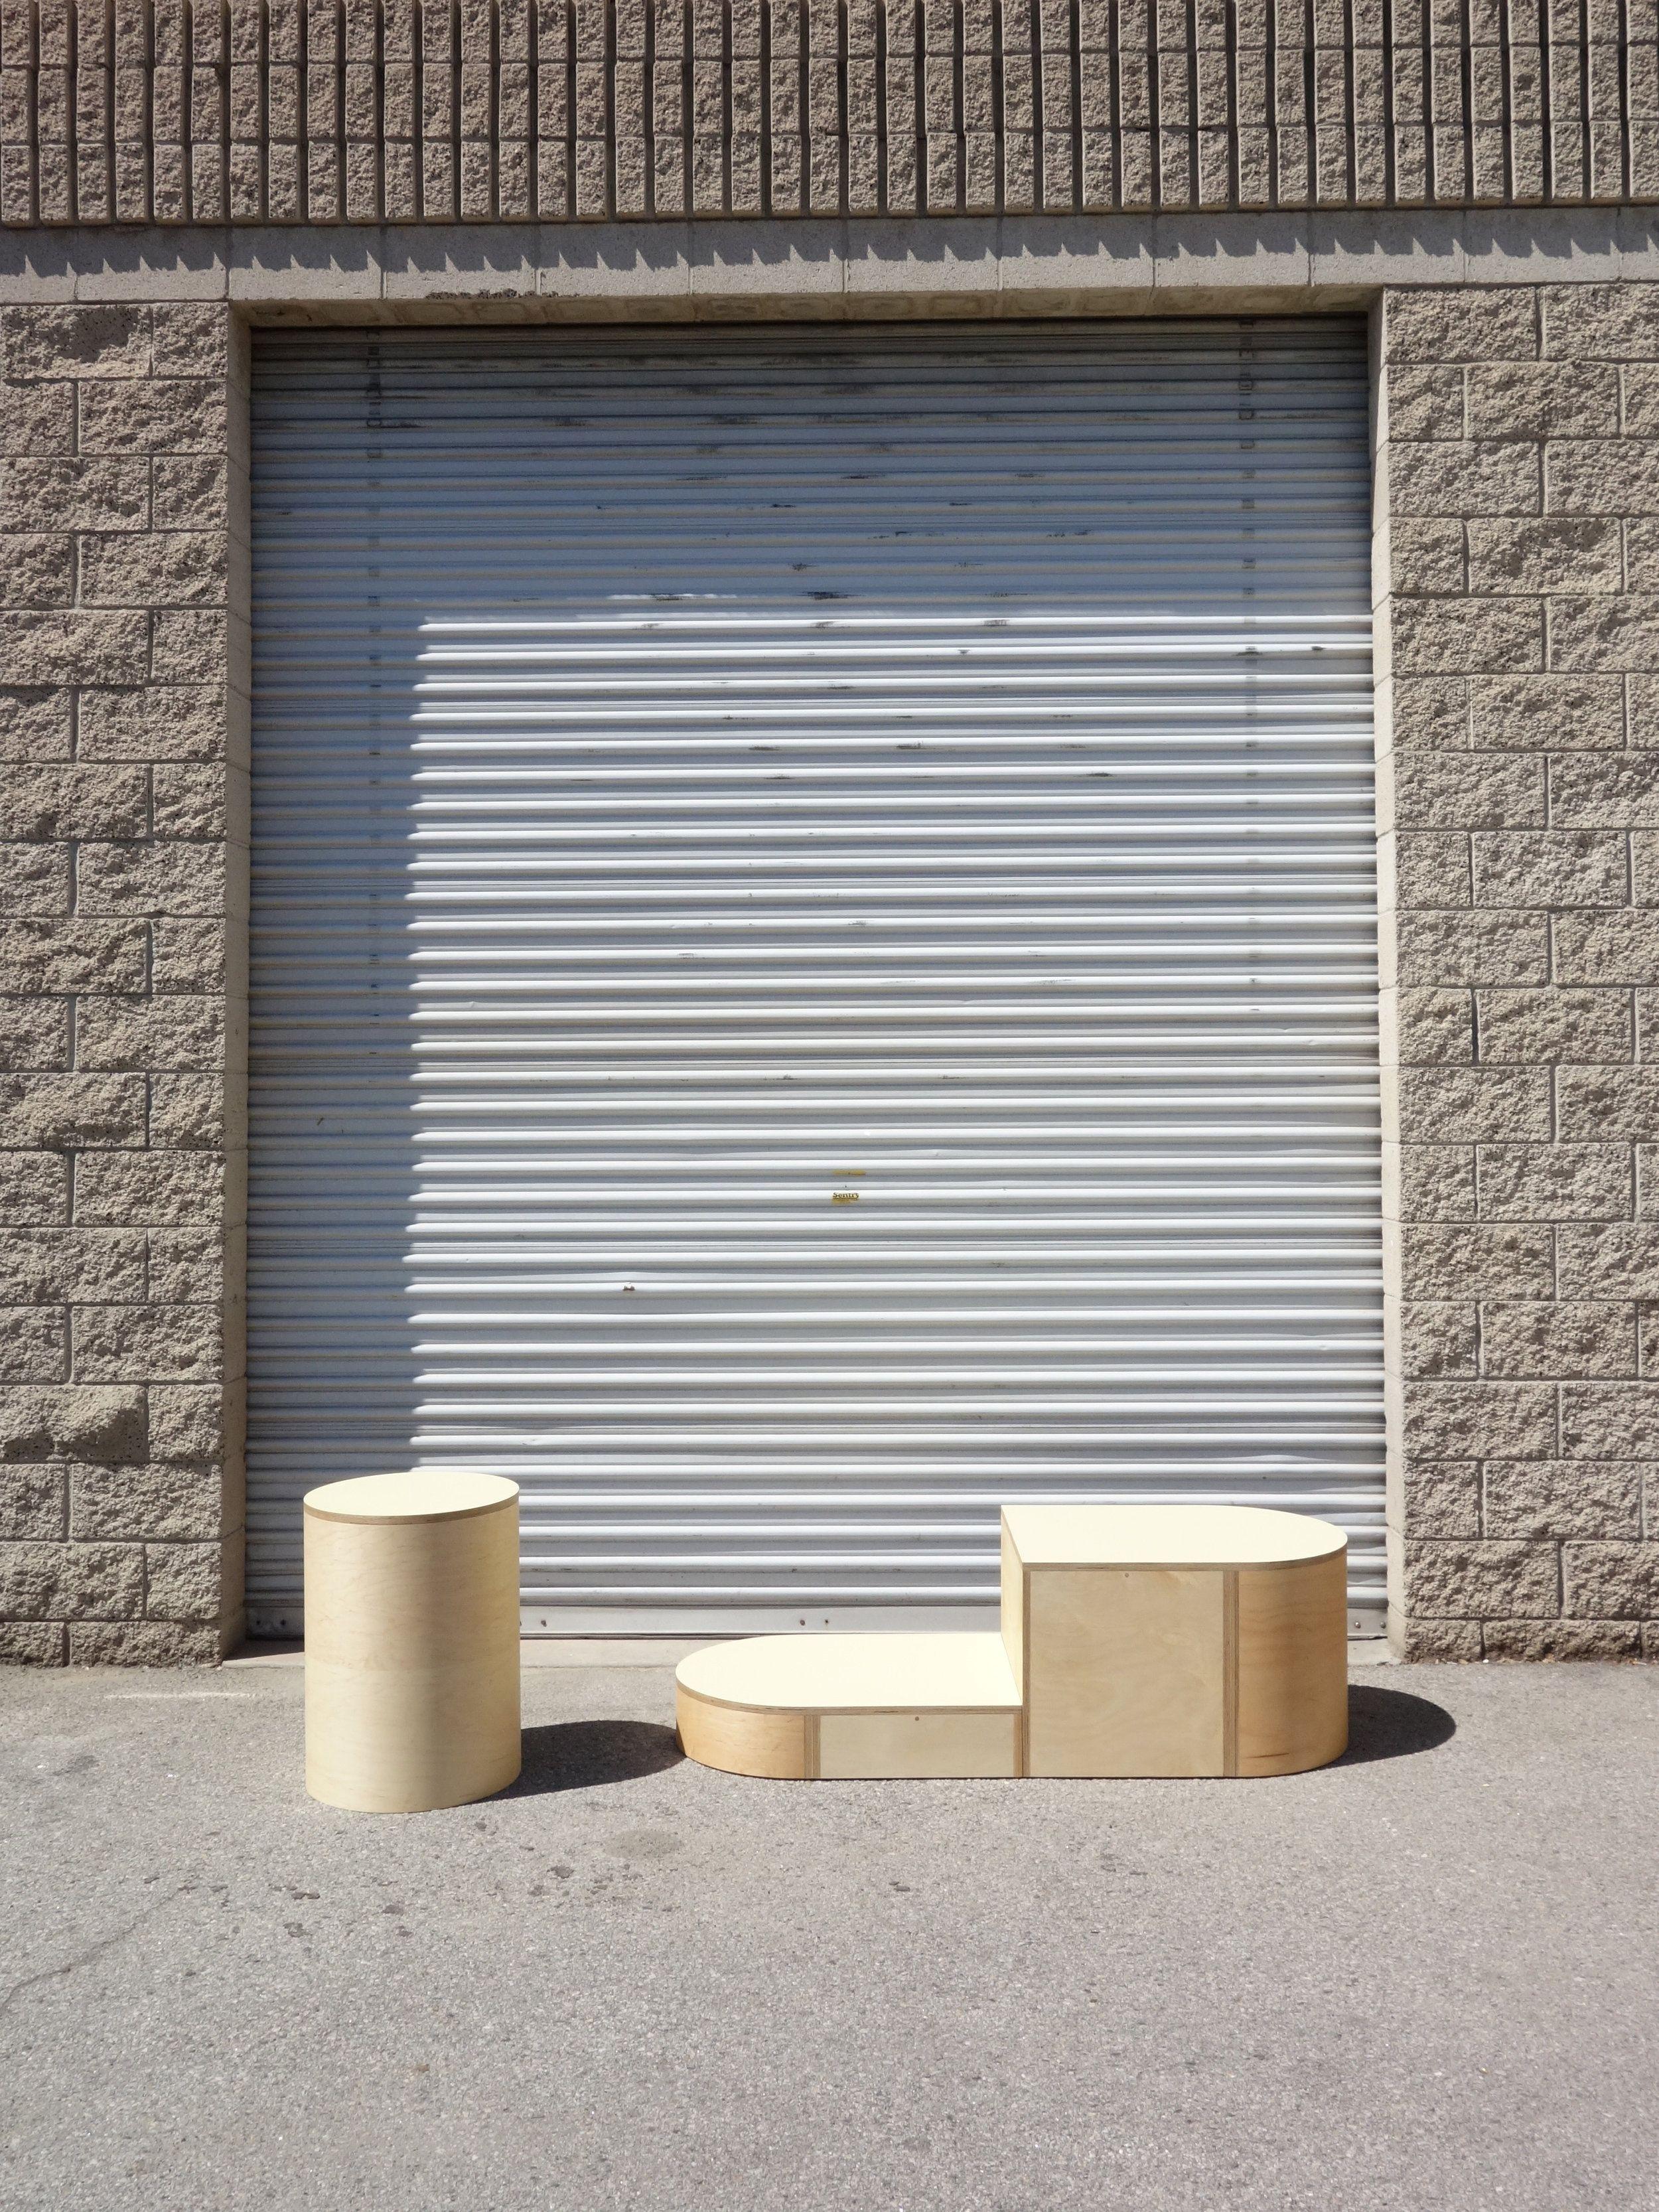 Rebag Madison, NY product image 5